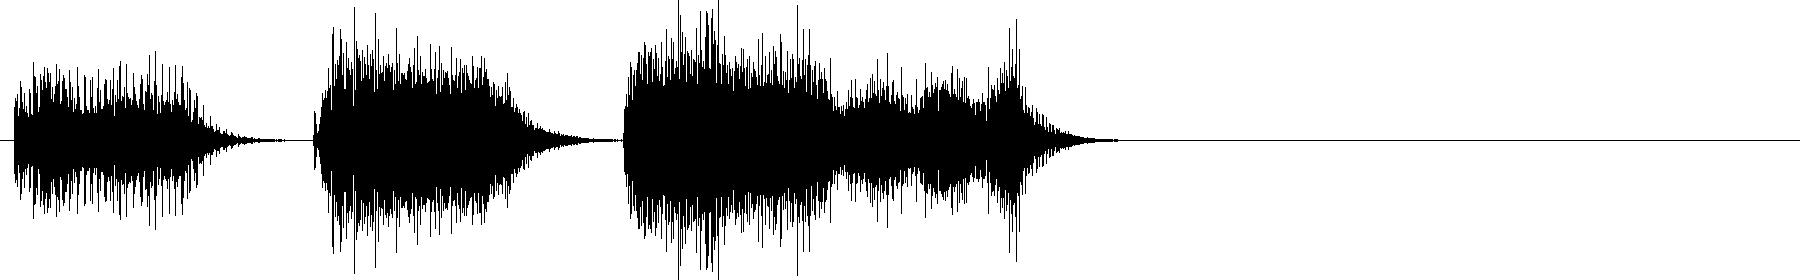 vocal fx   naming future bass genre 155 bpm